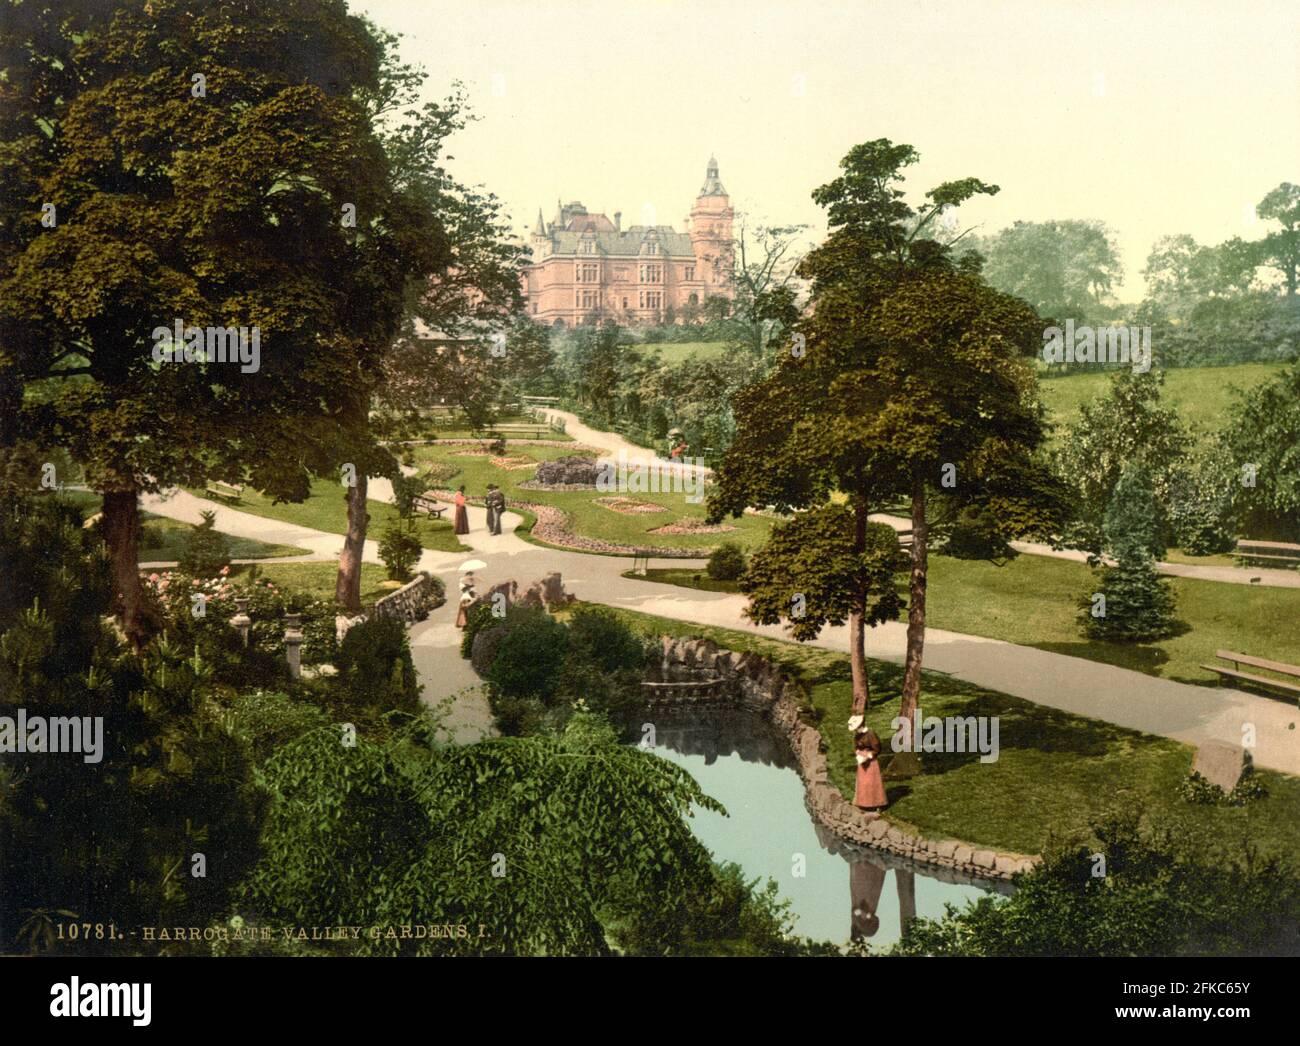 Valley Gardens, Harrogate dans le Yorkshire vers 1890-1900 Banque D'Images